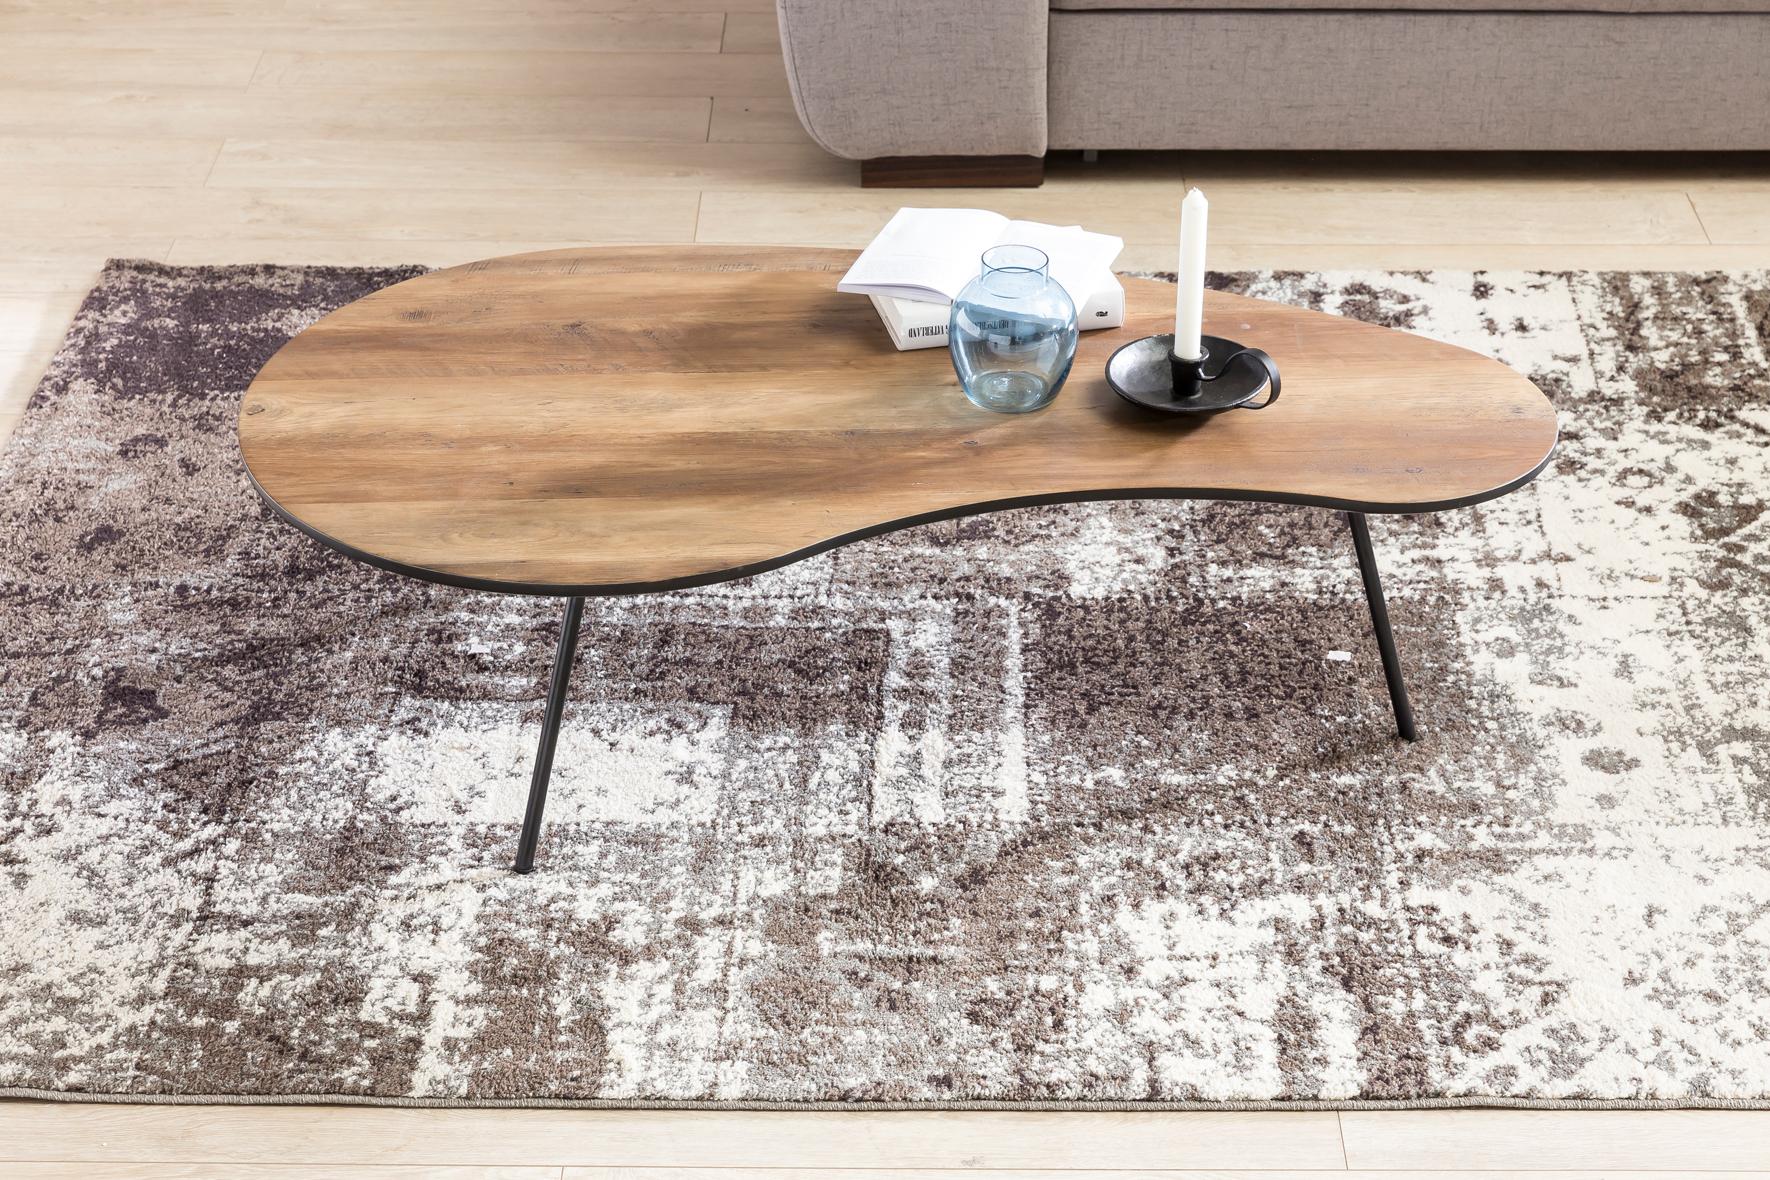 couchtisch mdf holz wohnzimmertisch metall kaffeetisch loungetisch nierentisch ebay. Black Bedroom Furniture Sets. Home Design Ideas